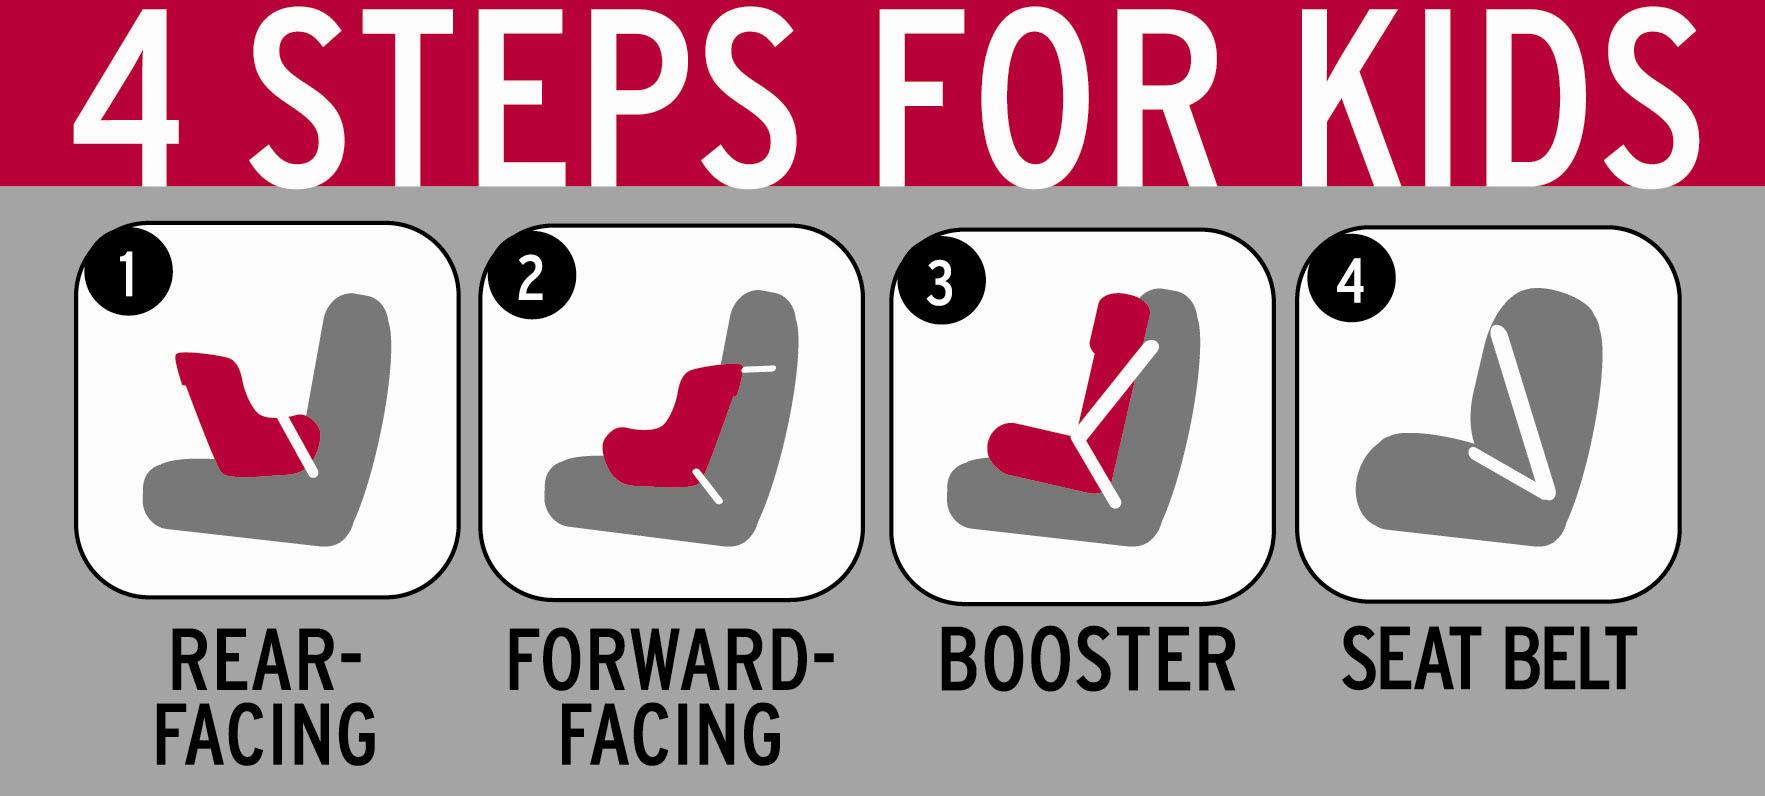 child passenger safety seat information